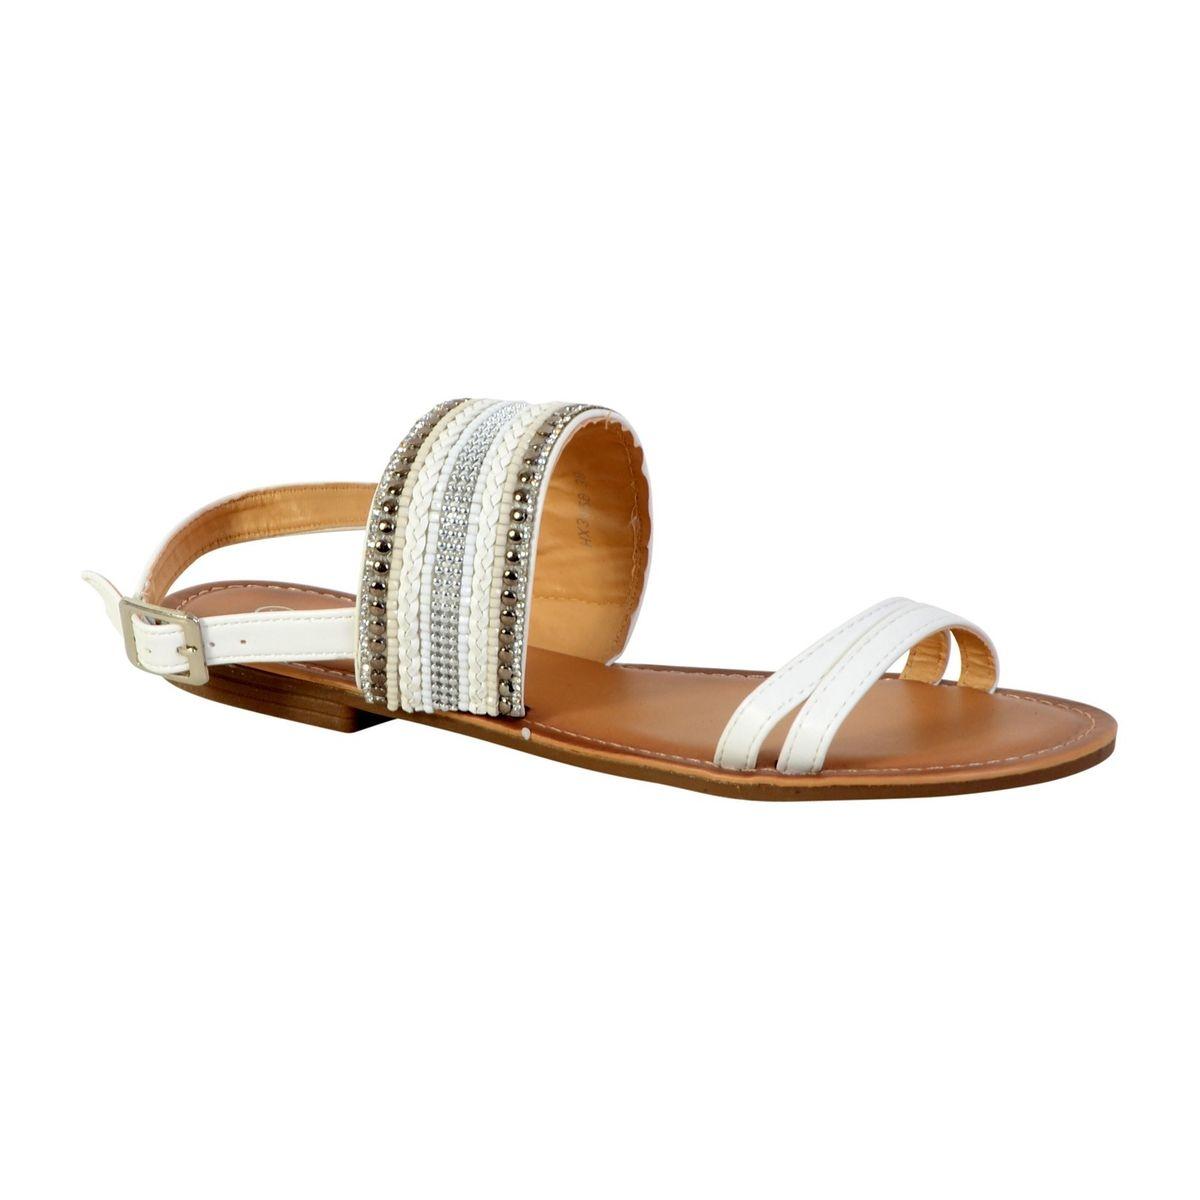 sandale plate enza nucci 1